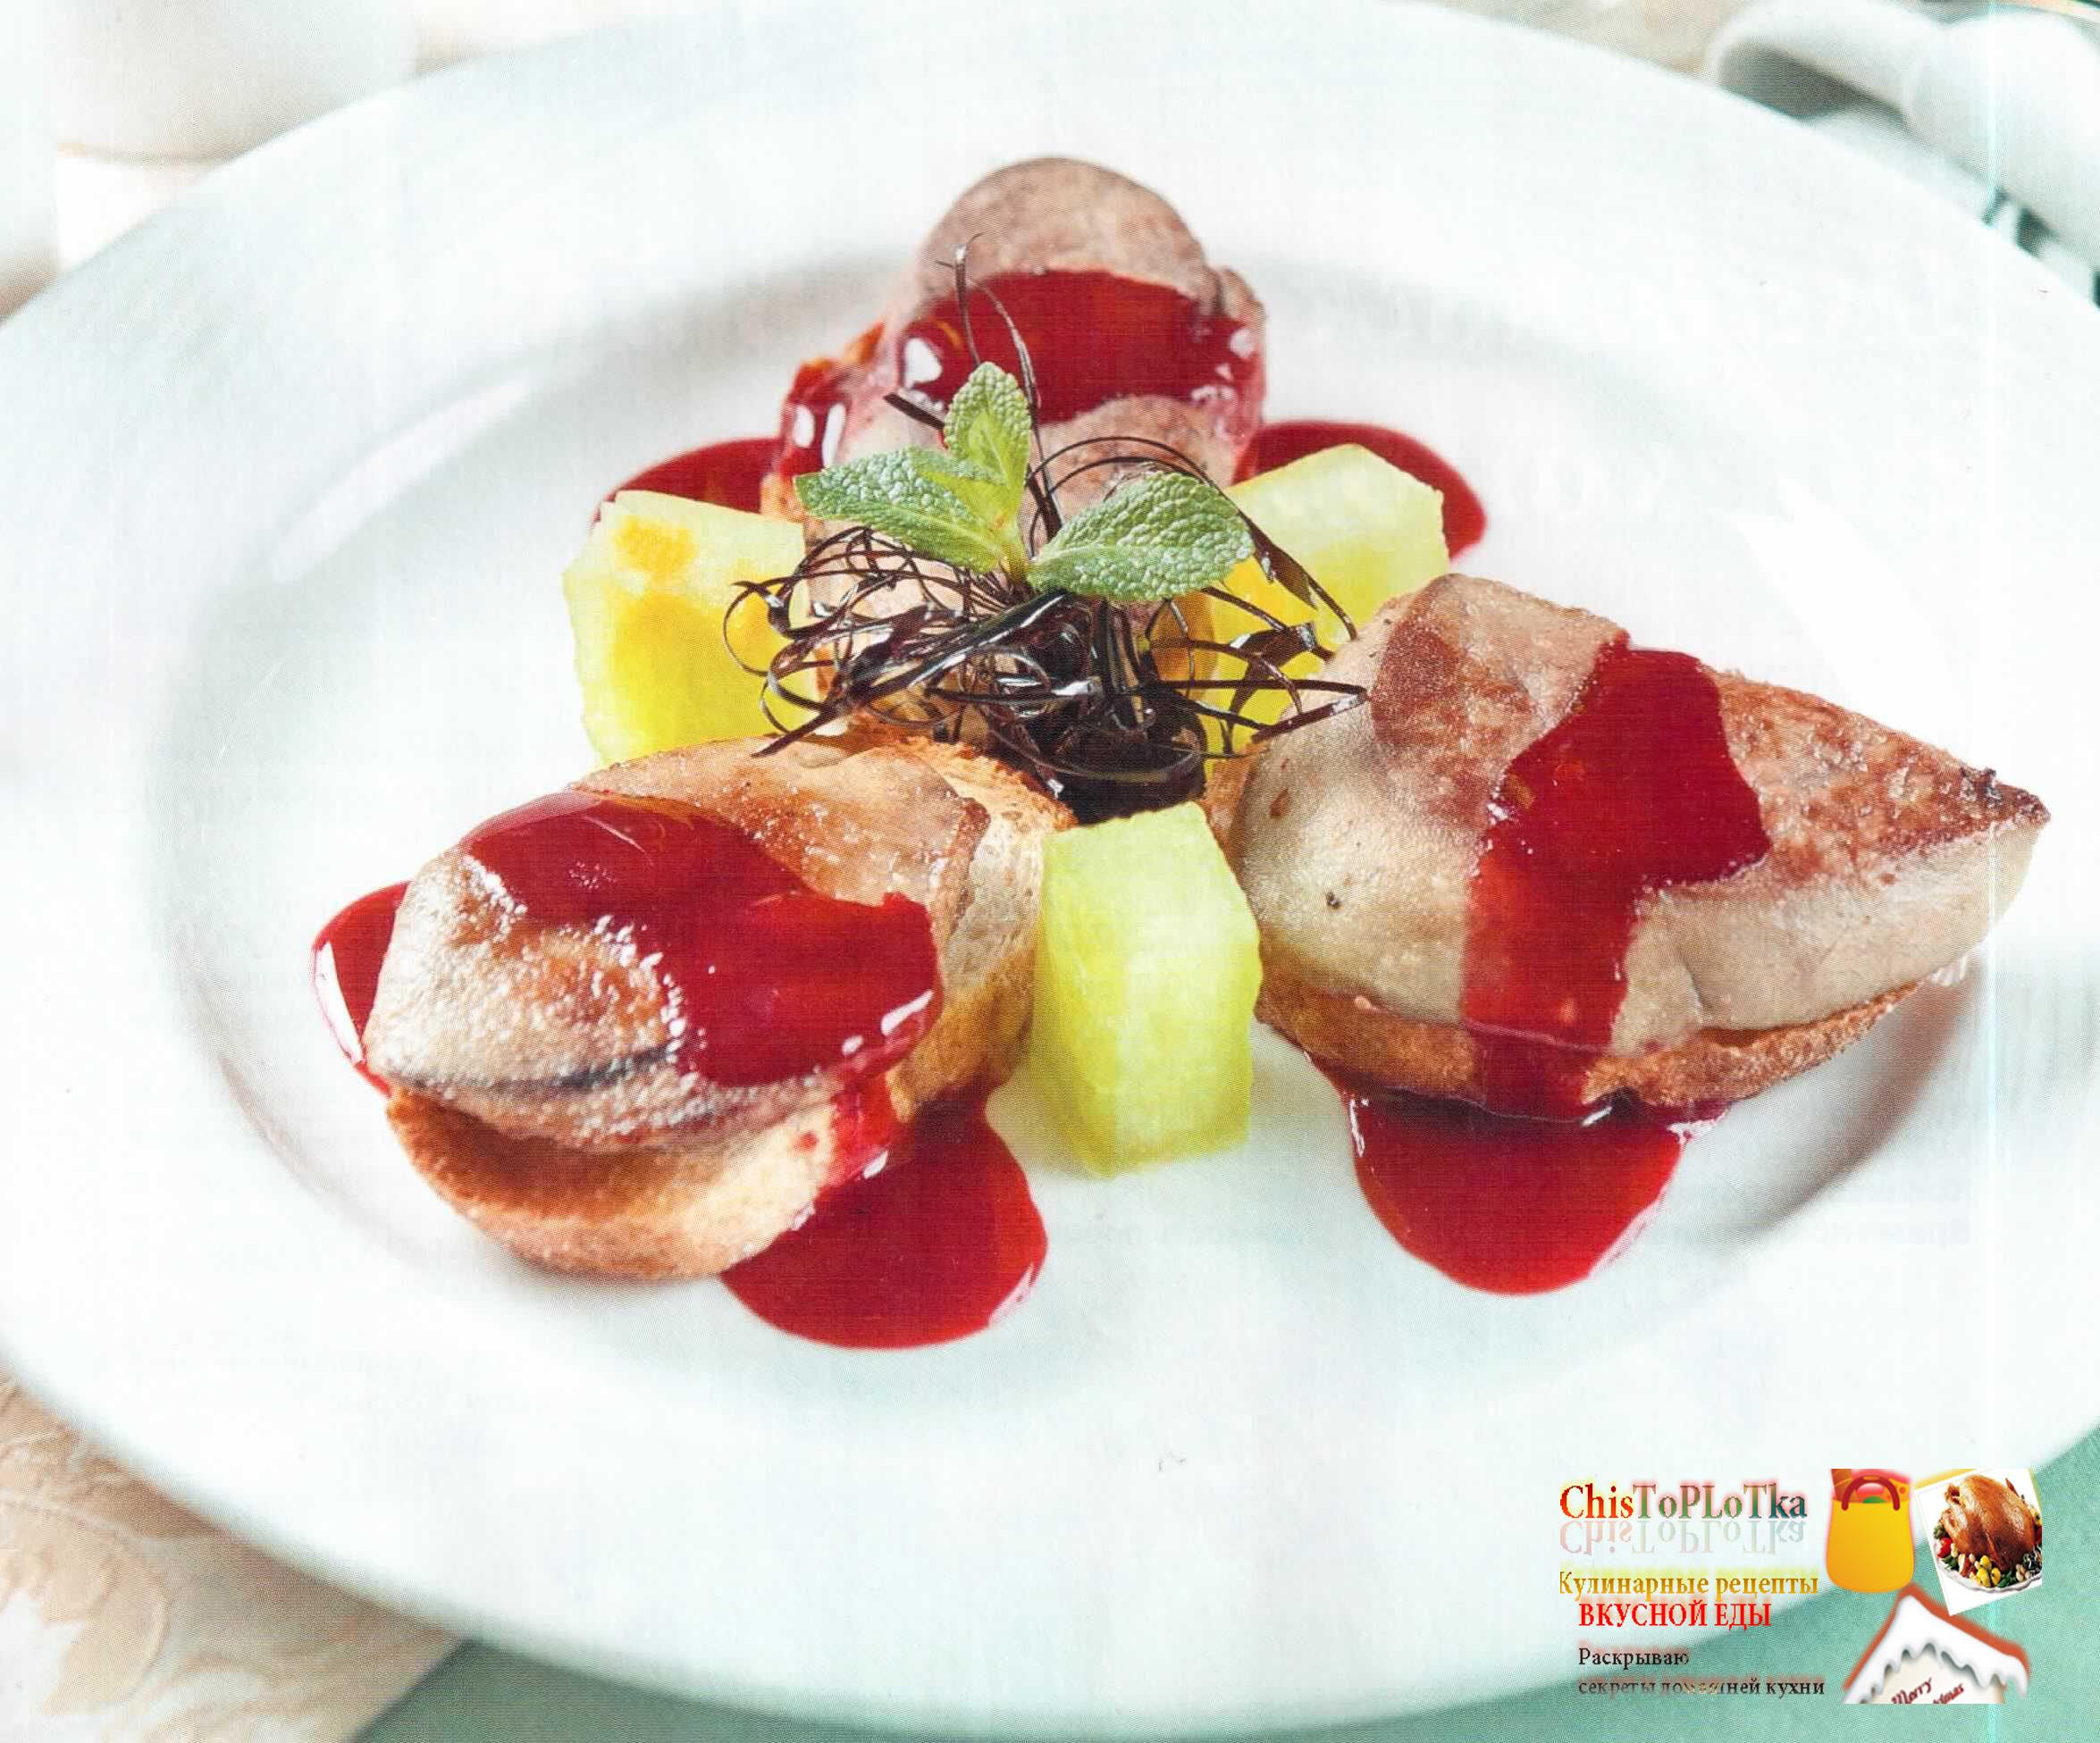 Украшение мясных блюд фото